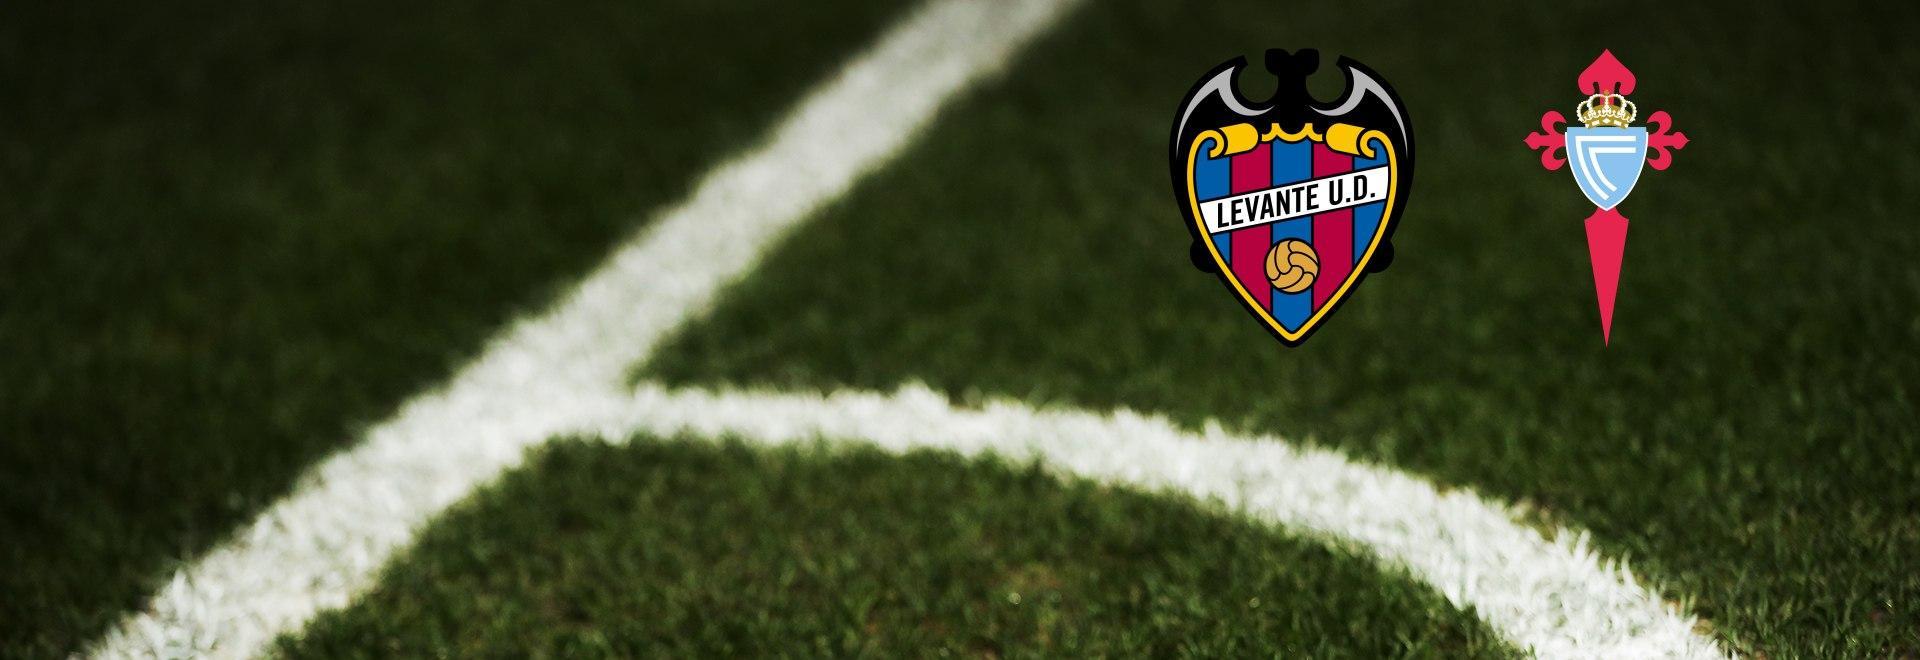 Levante - Celta Vigo. 7a g.